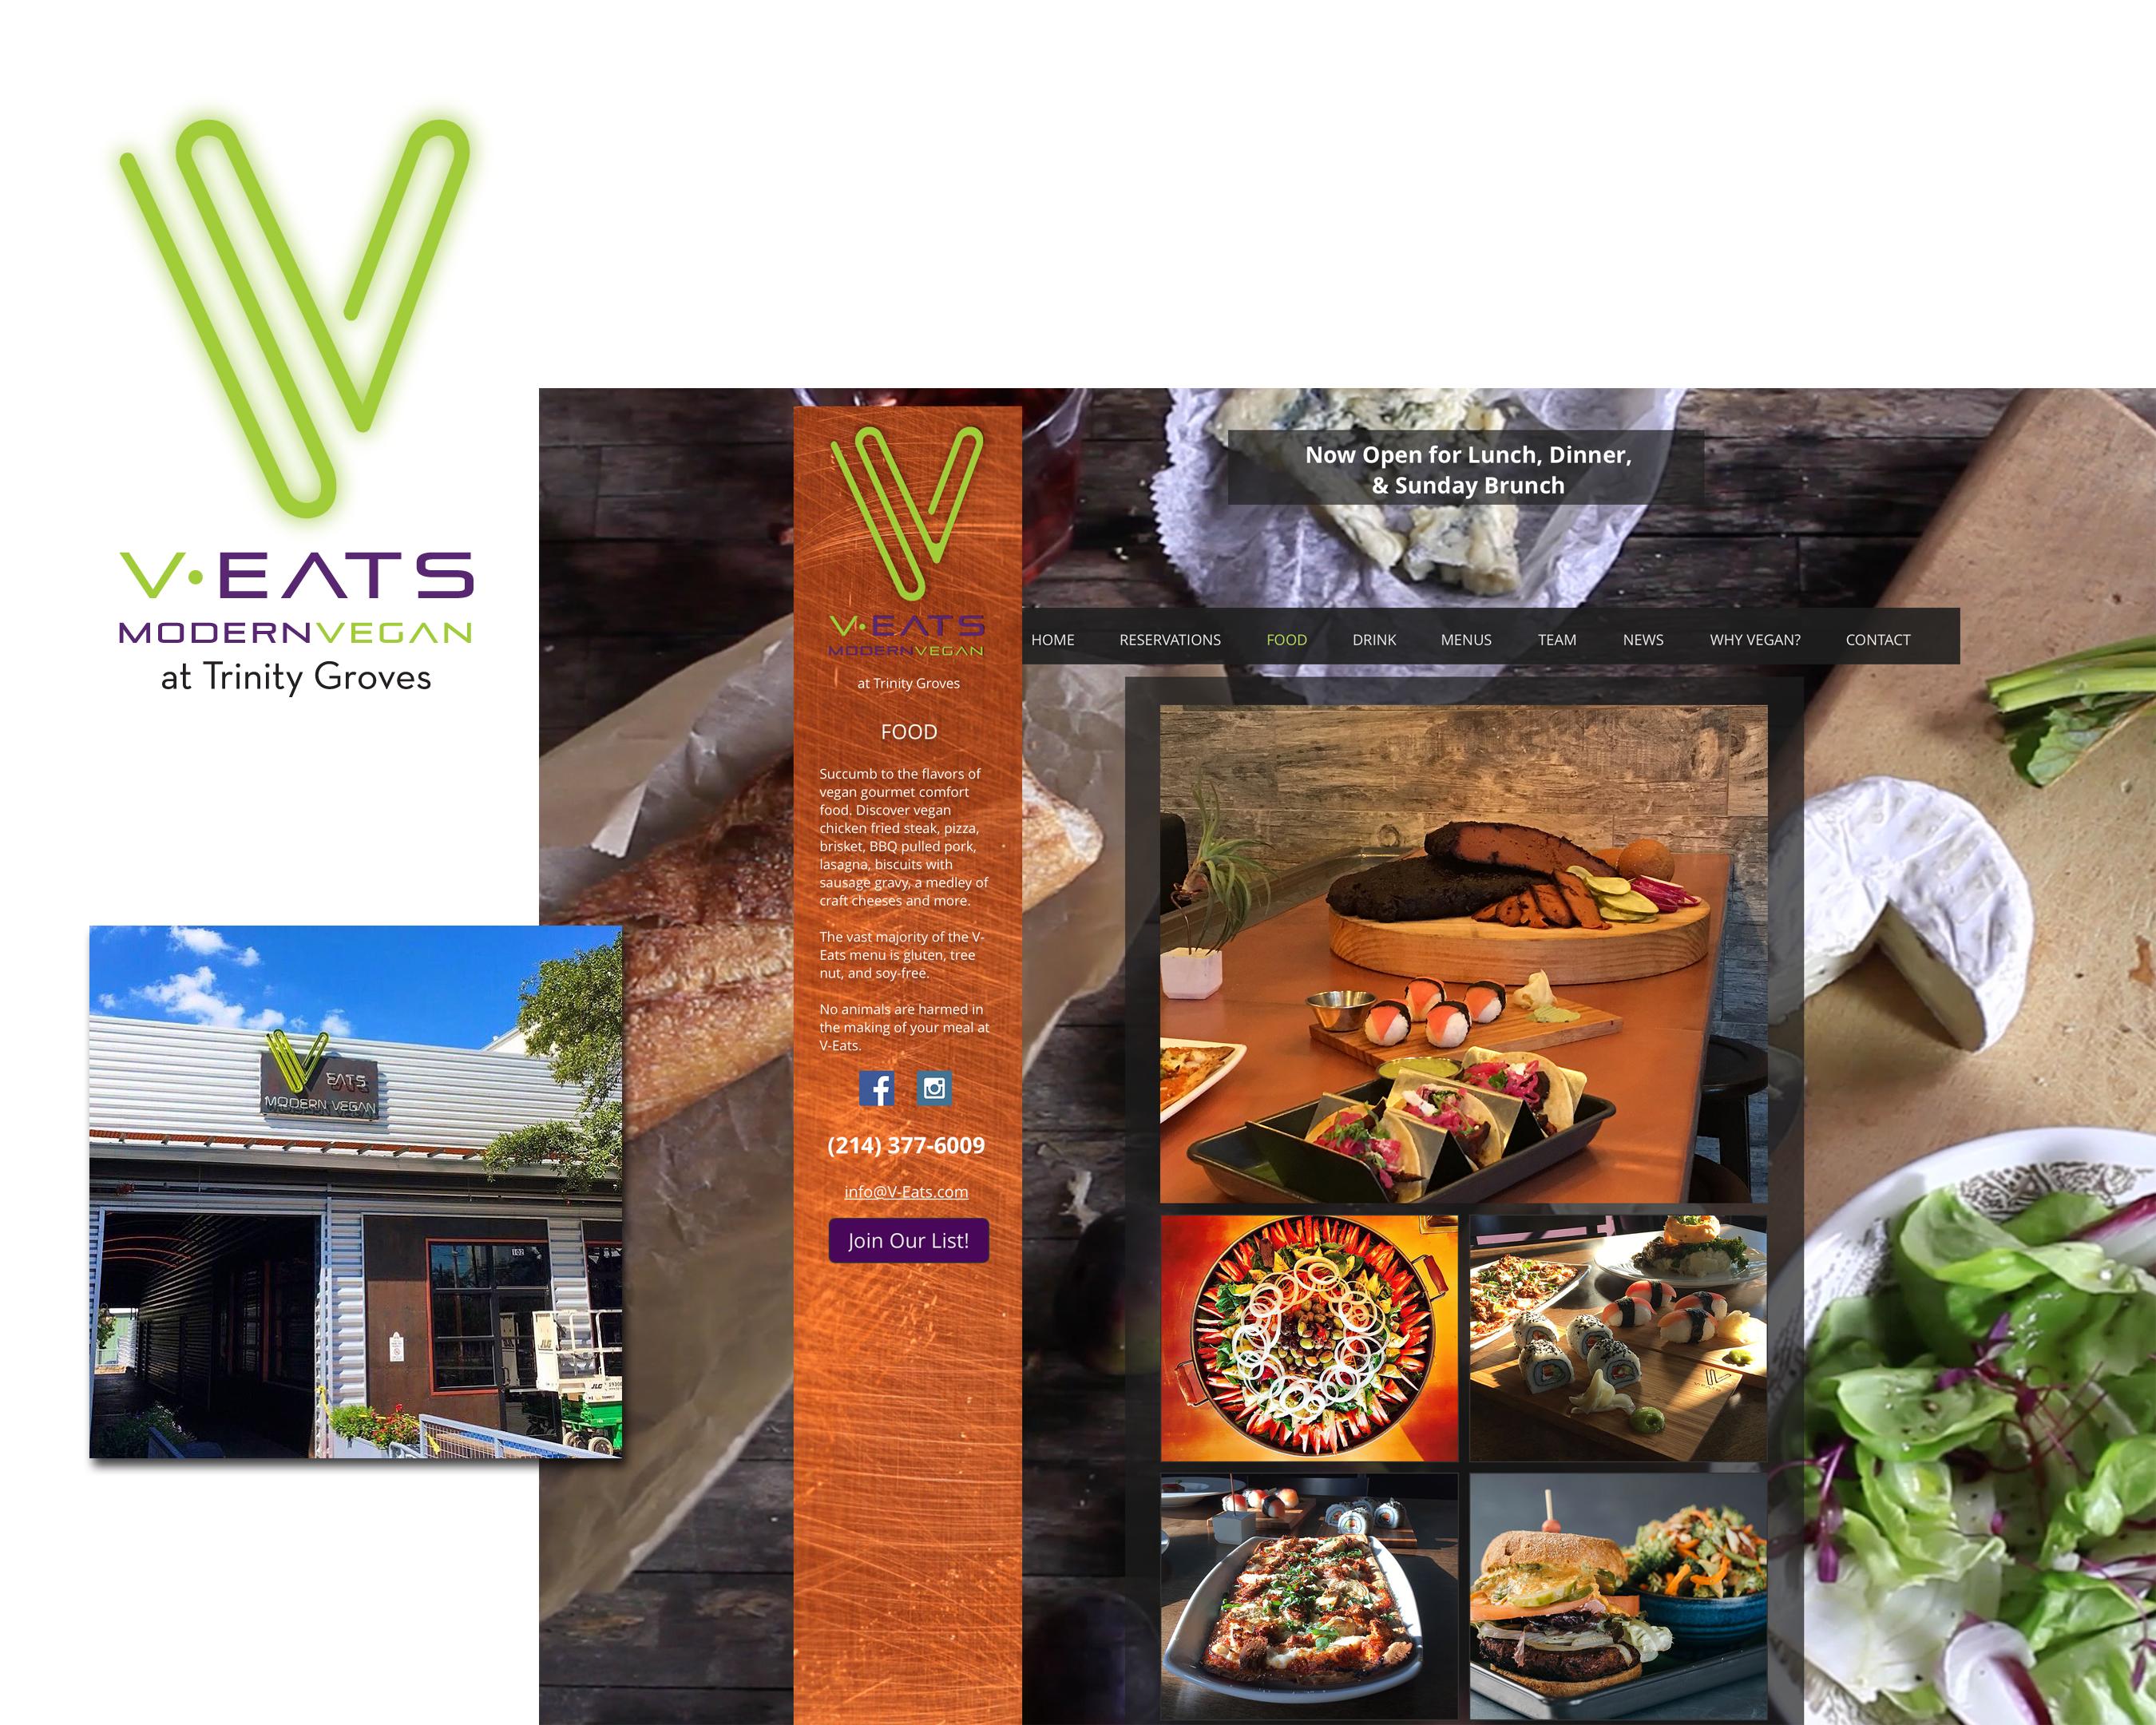 V-Eats Modern Vegan